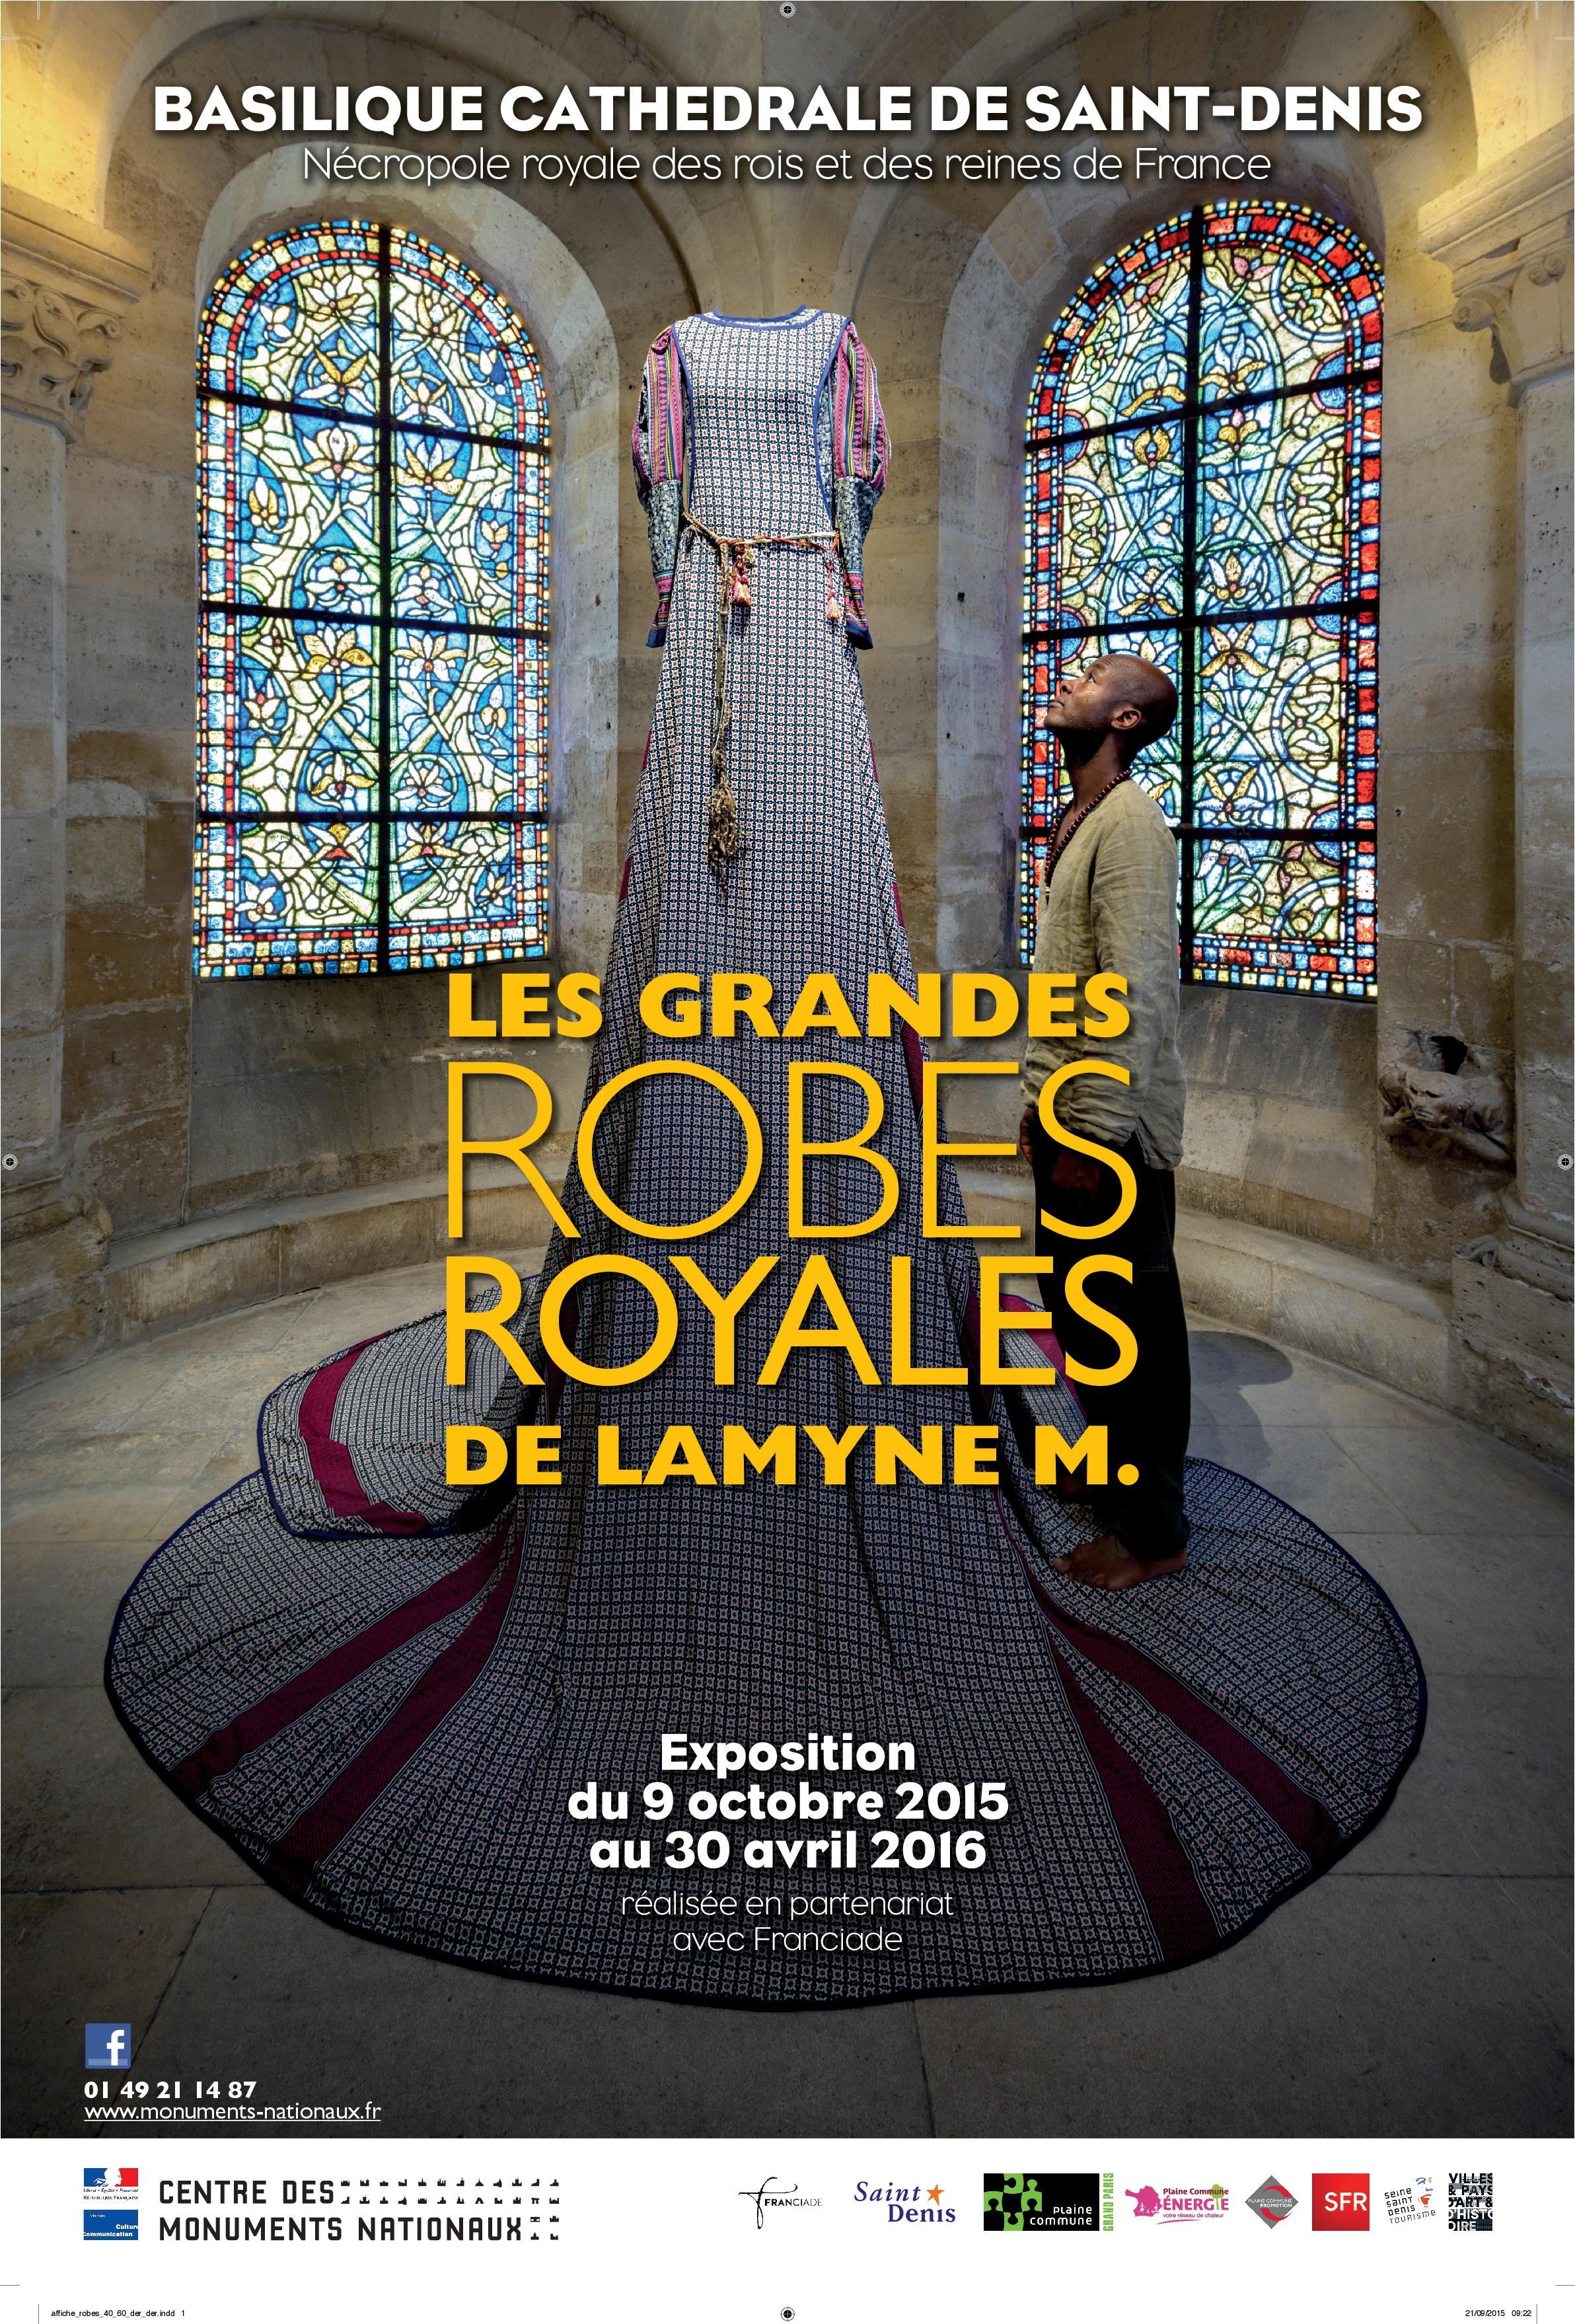 Les Grandes Robes Royales - Basilique de Saint-Denis